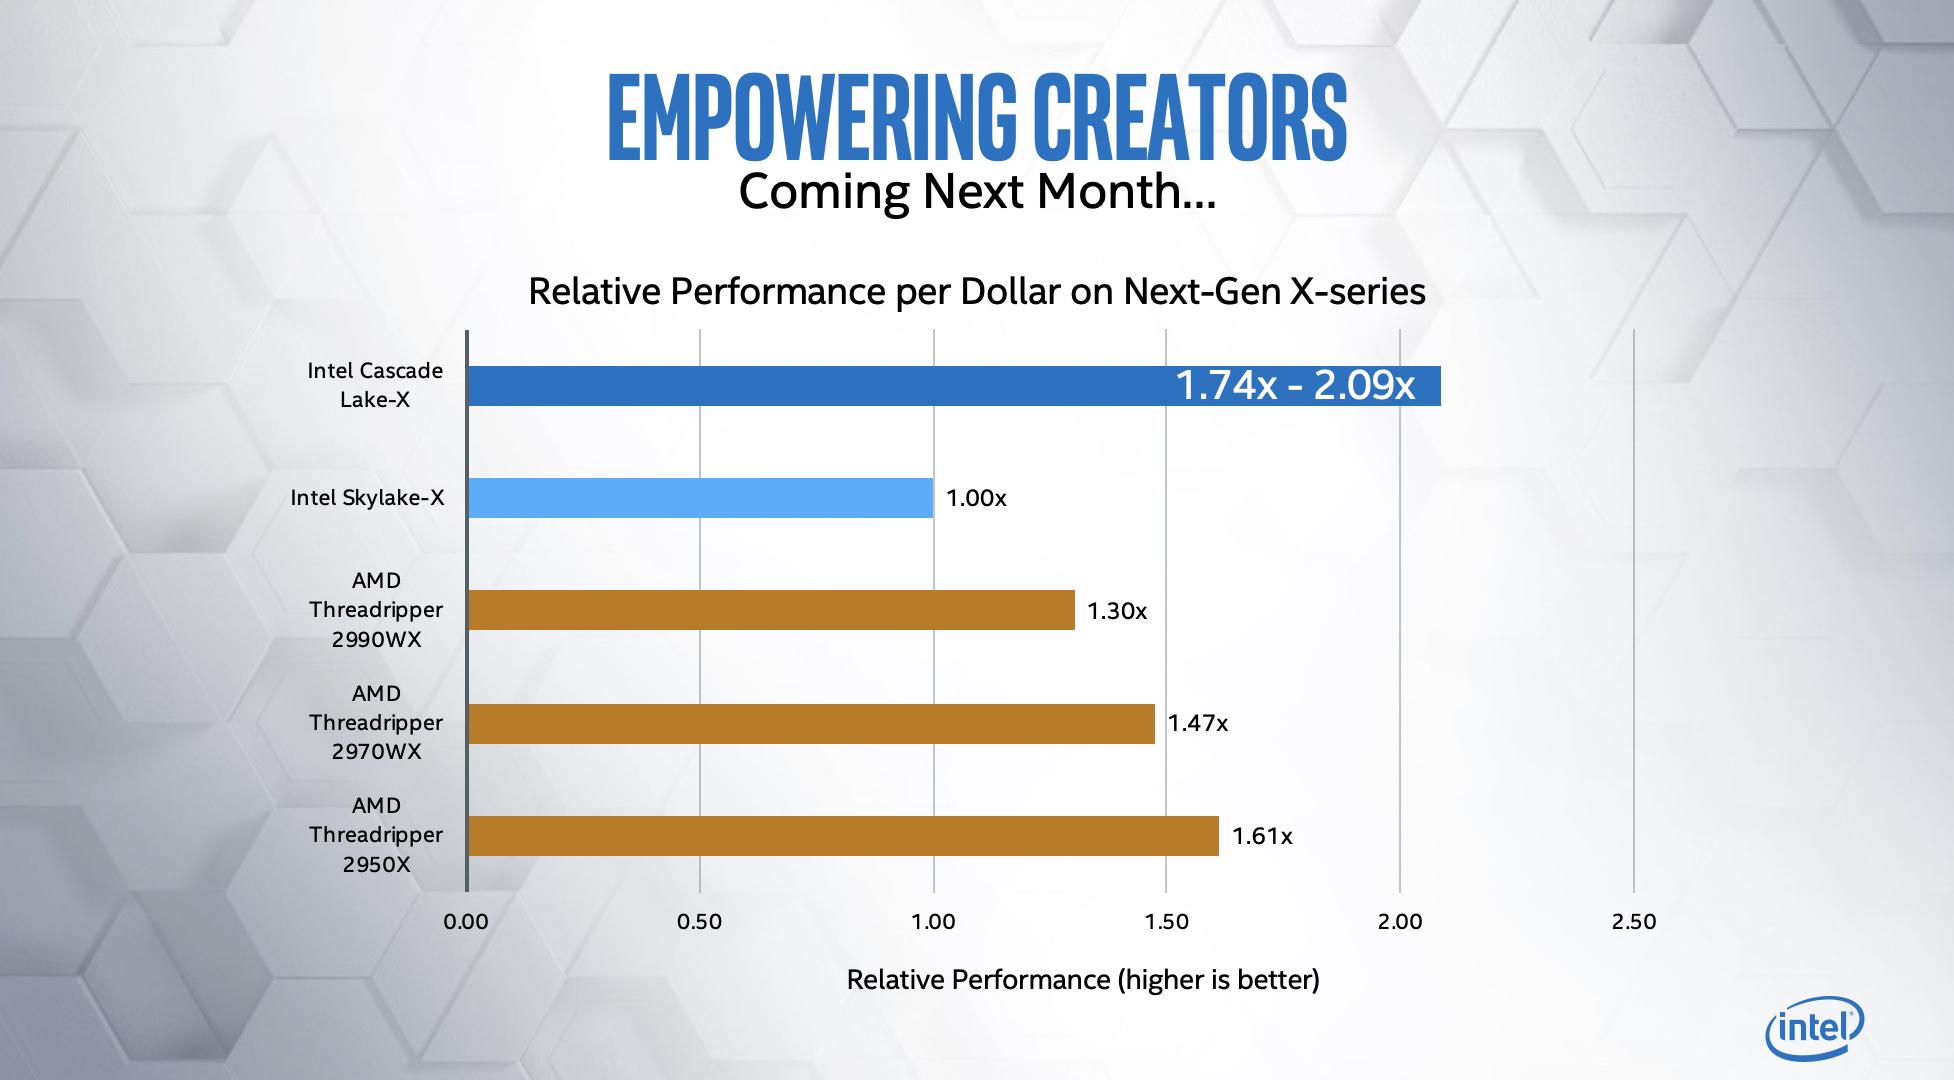 تعد شركة Intel بإجراء تغييرات جذرية في معالجات X-series و HEDT القادمة 1